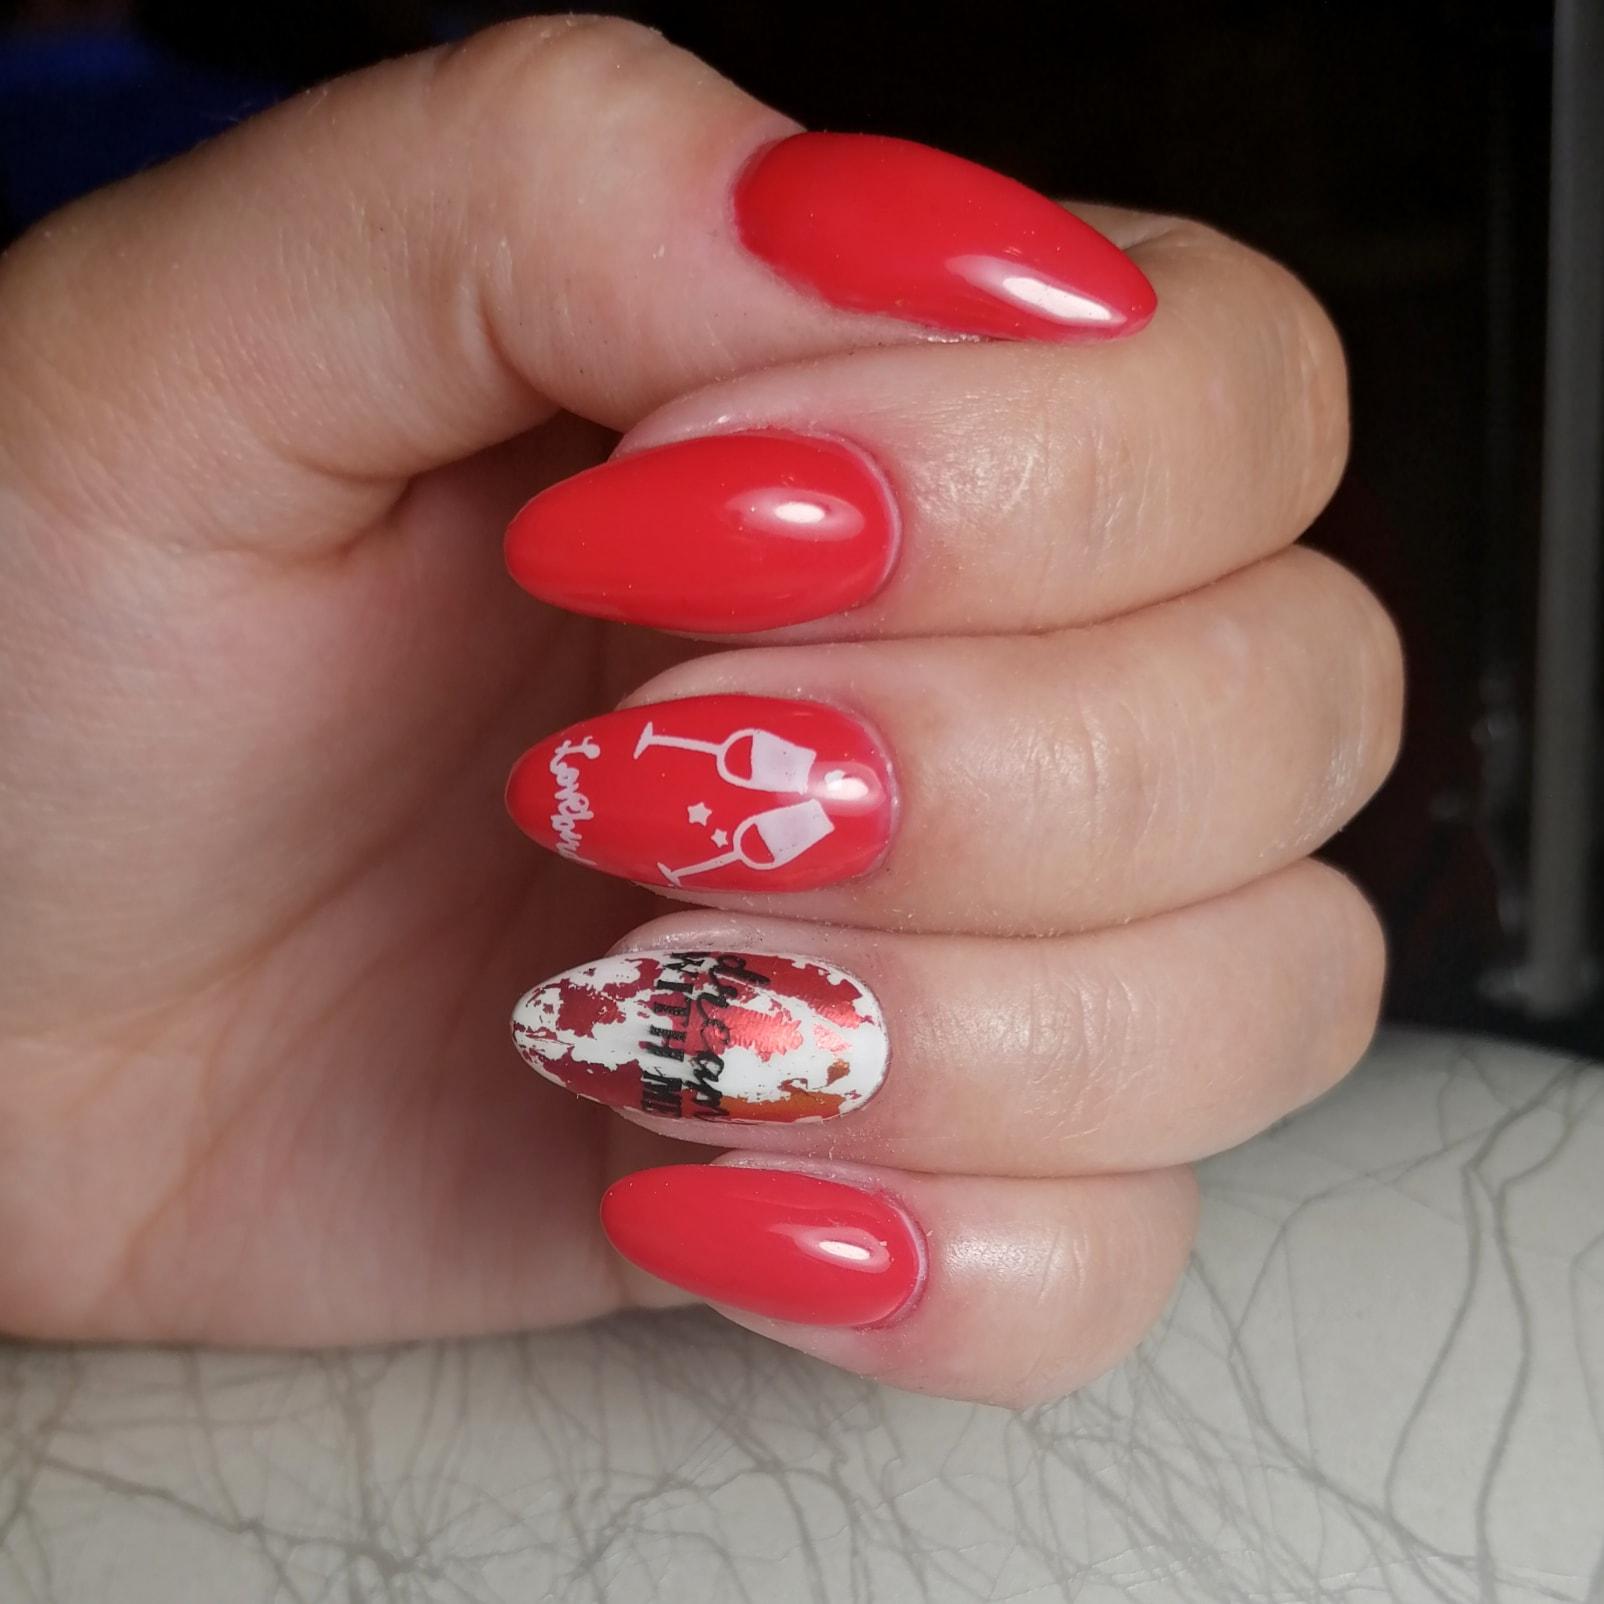 Маникюр с цветной фольгой и слайдерами в красном цвете на длинные ногти.